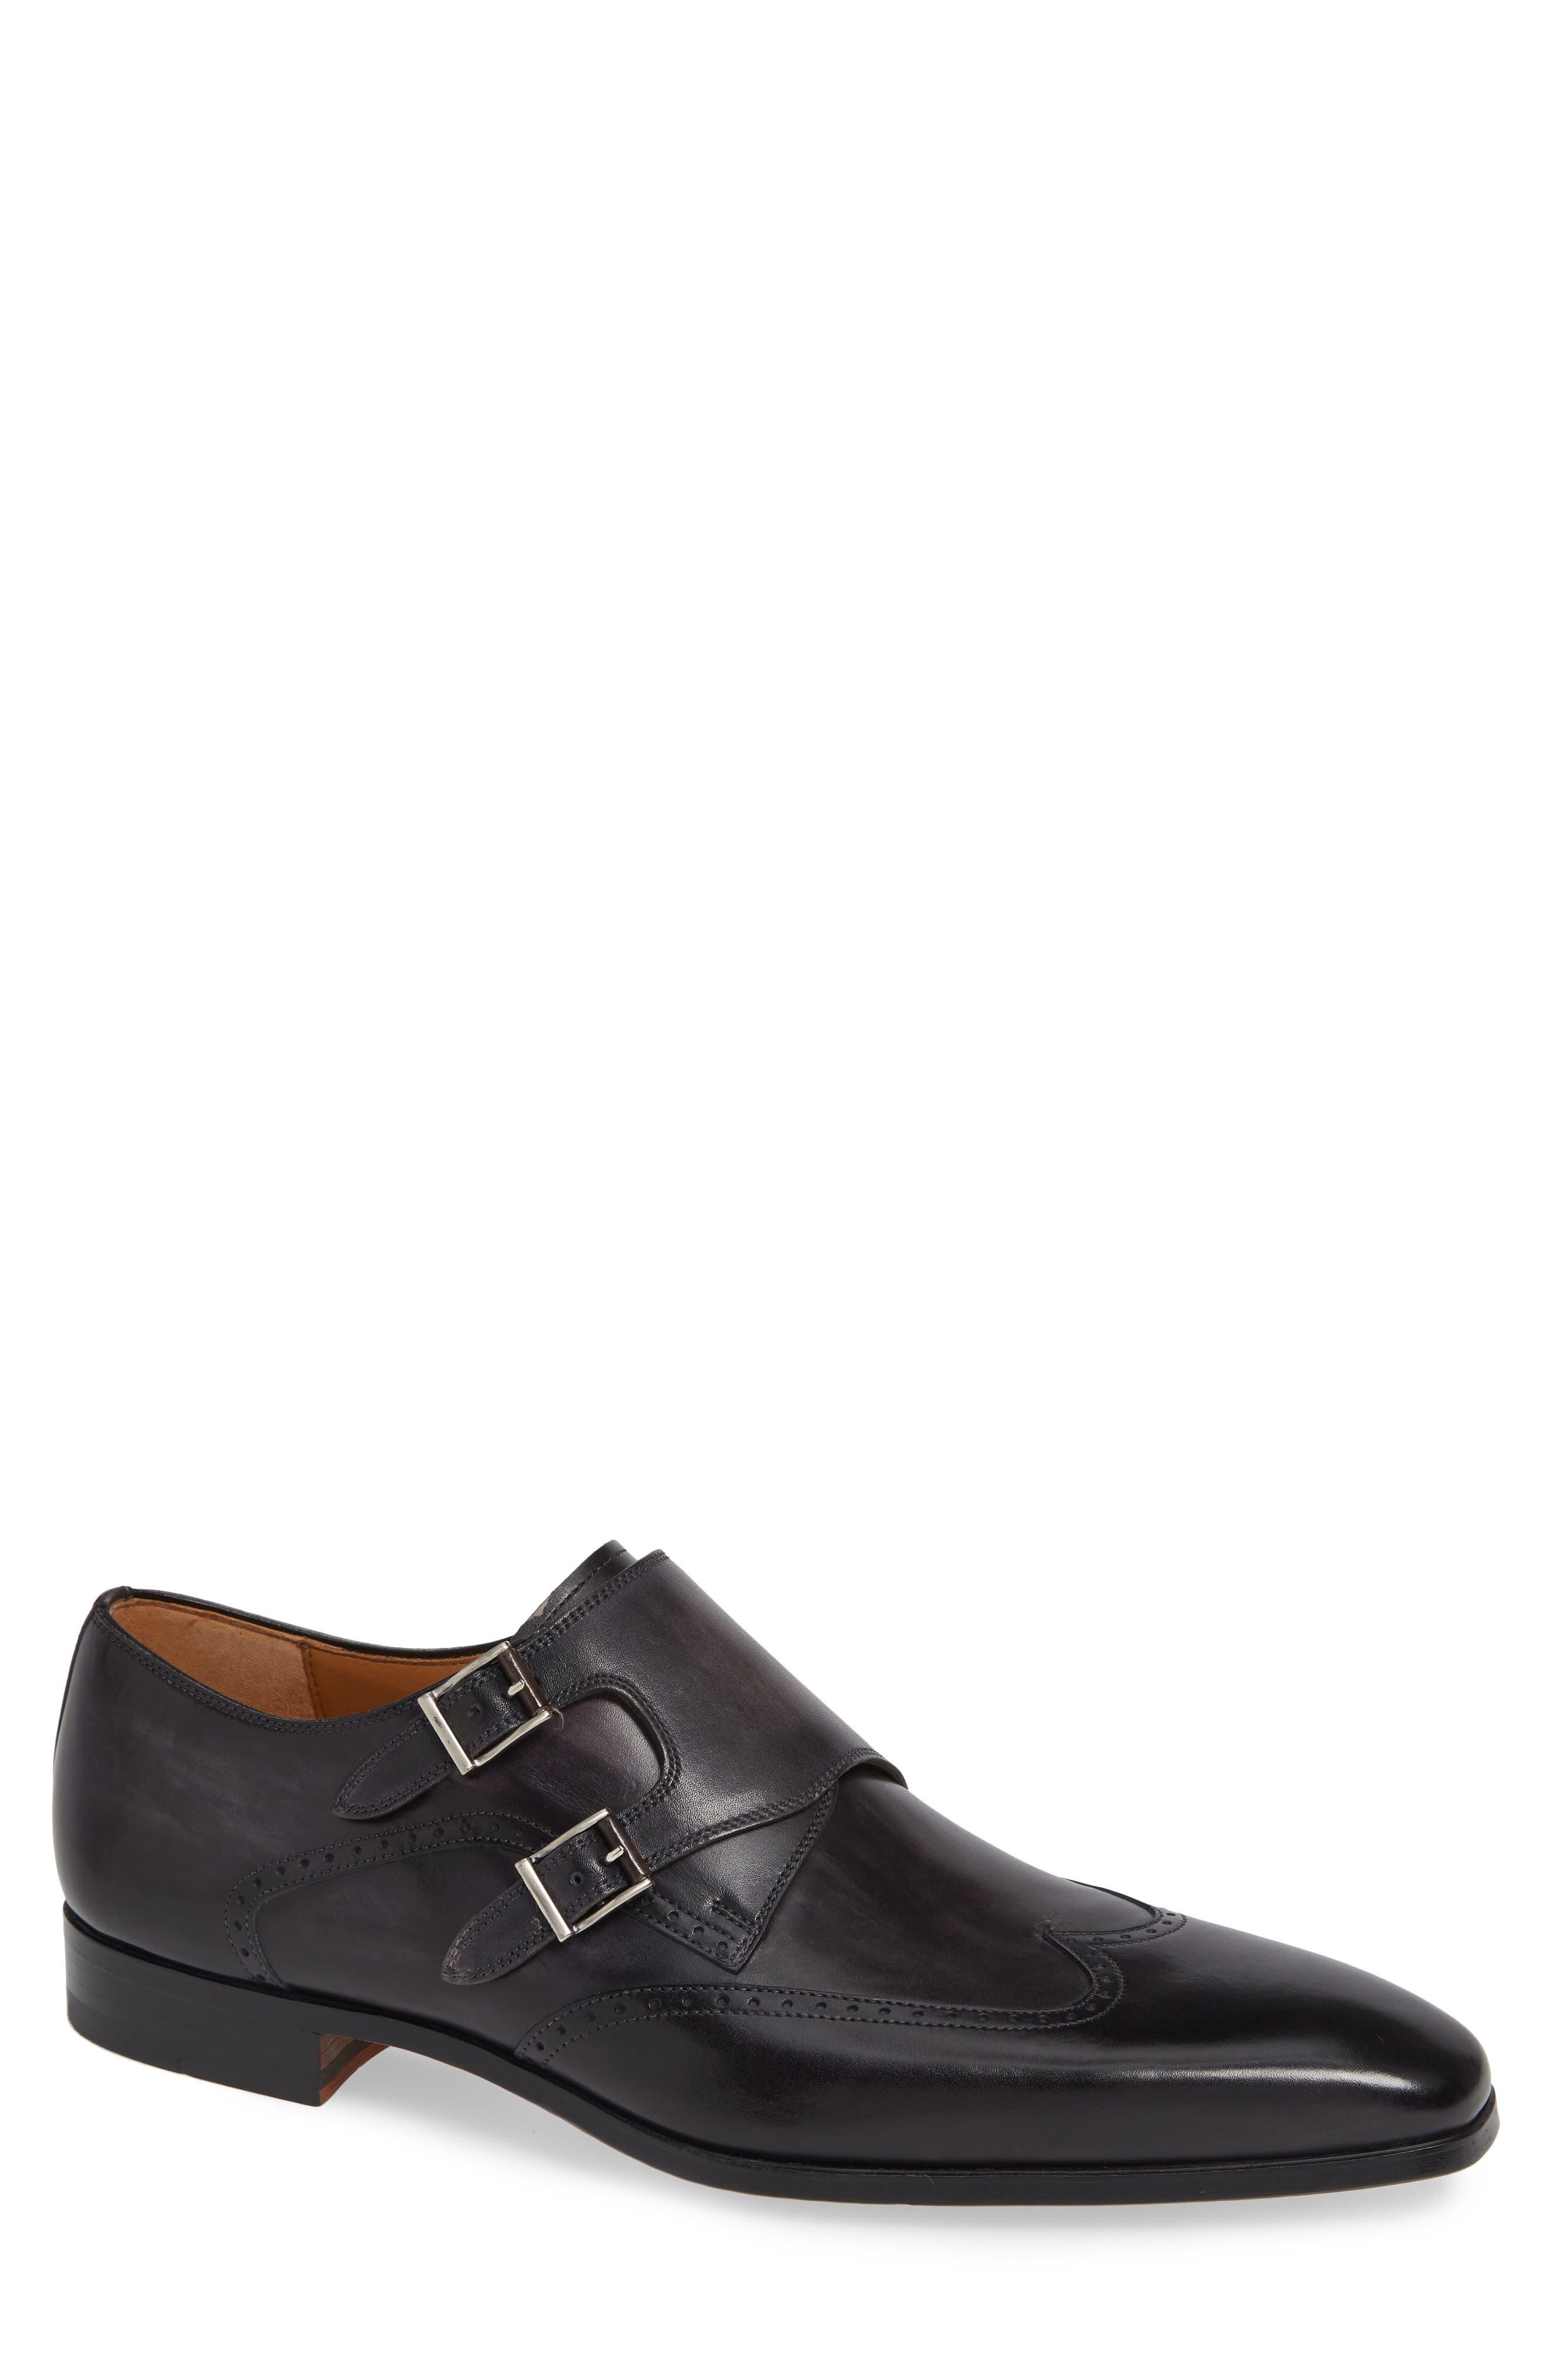 Dixon Wingtip Double Strap Monk Shoe,                         Main,                         color, GREY